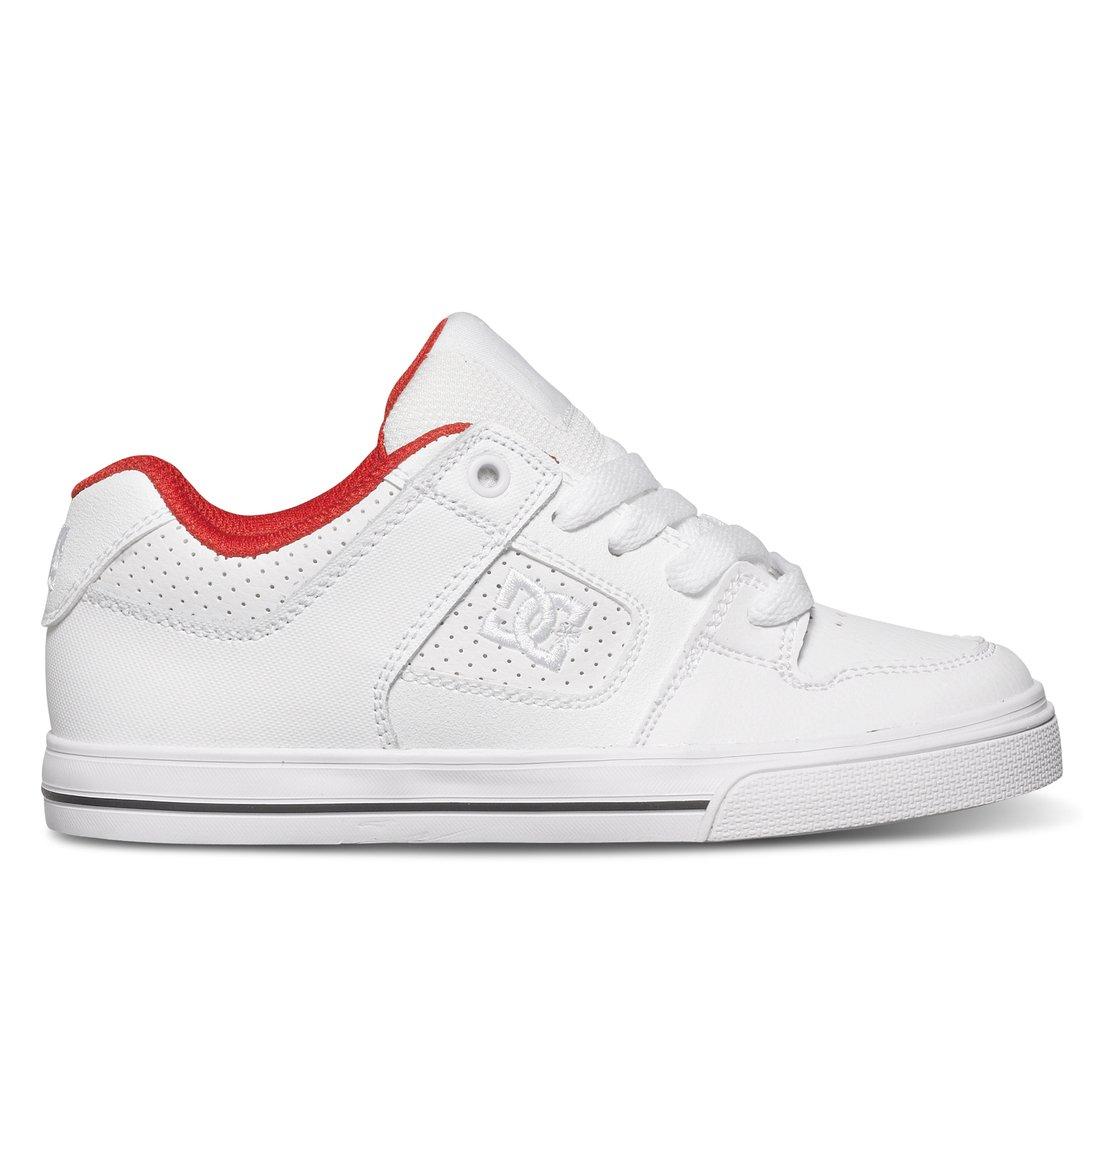 Pure - Dcshoes - Dcshoes������ ���� ��� ��������� Pure �� DC Shoes � ������� �� ��������� ����� 2015�. ��������������: ����������� ��� ��� ���������� ���������������, ������� ���� � ������� � ������ ������������, ���������� ������������ �� ���� ����������.<br>